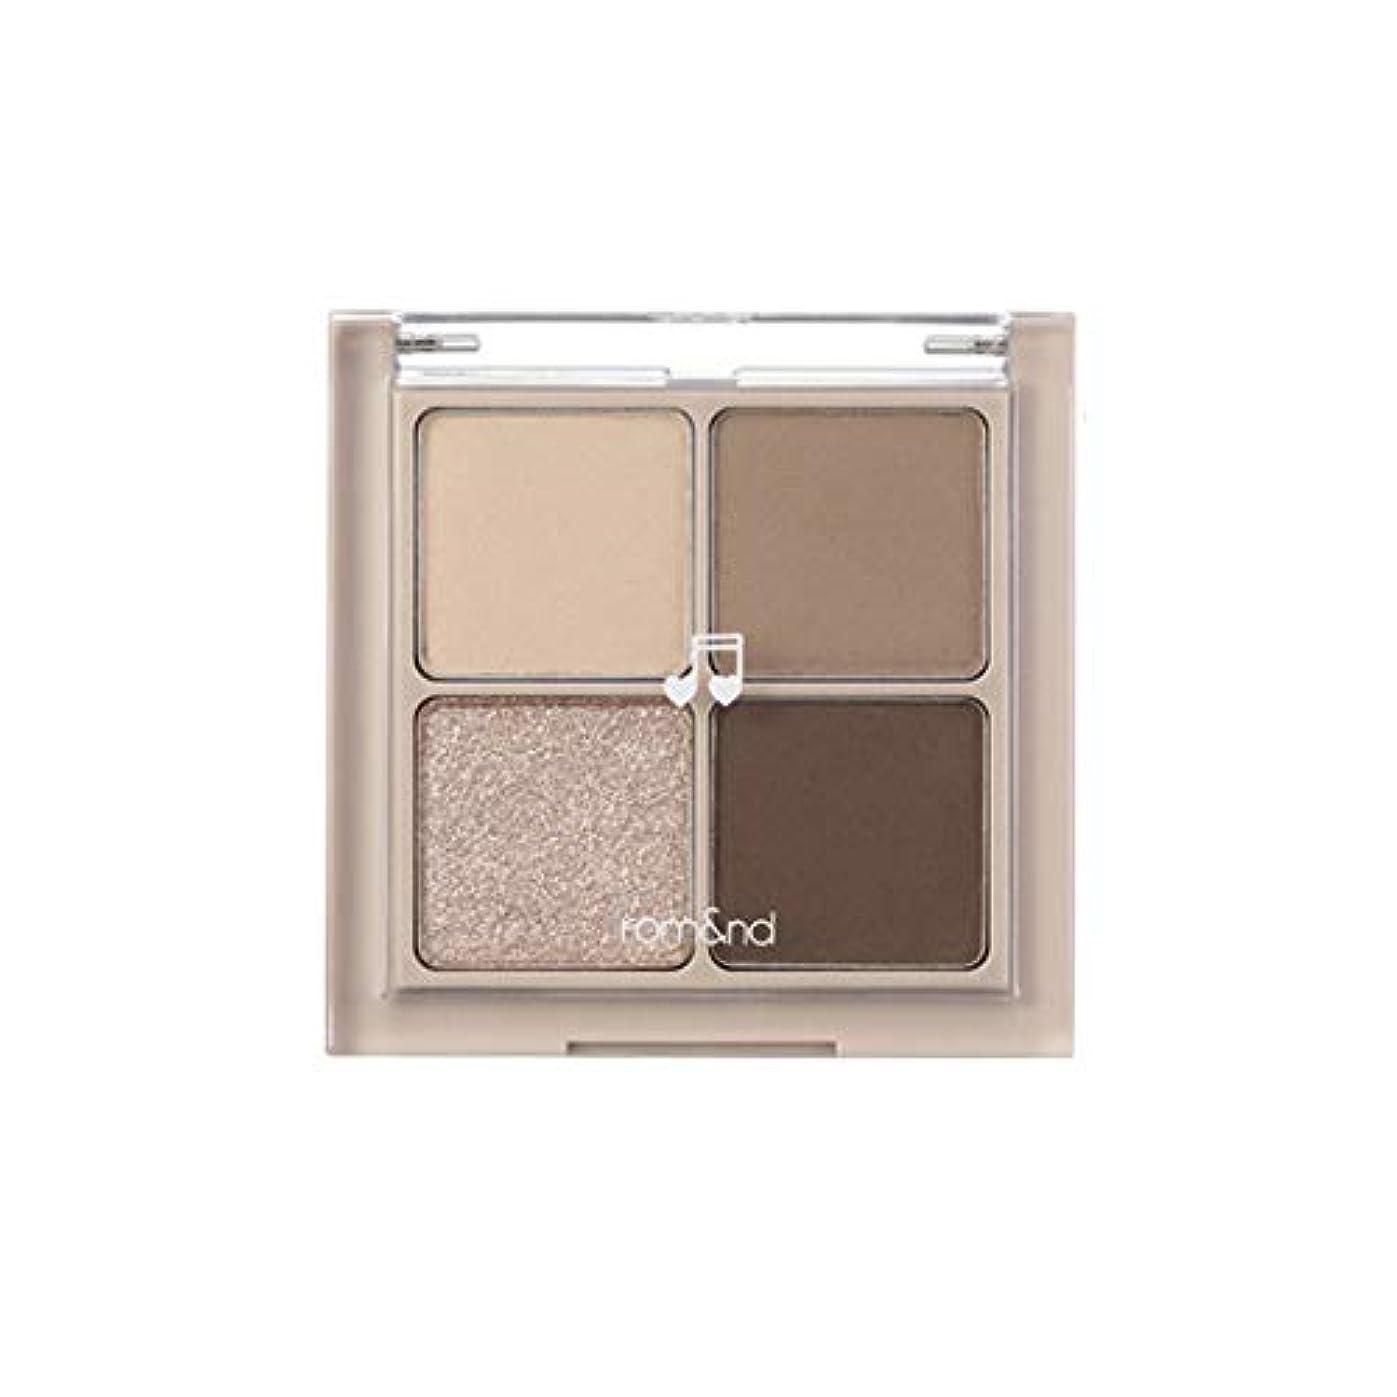 バクテリアつば独創的rom&nd BETTER THAN EYES Eyeshadow Palette 4色のアイシャドウパレット # M2 DRY buckwheat flower(並行輸入品)